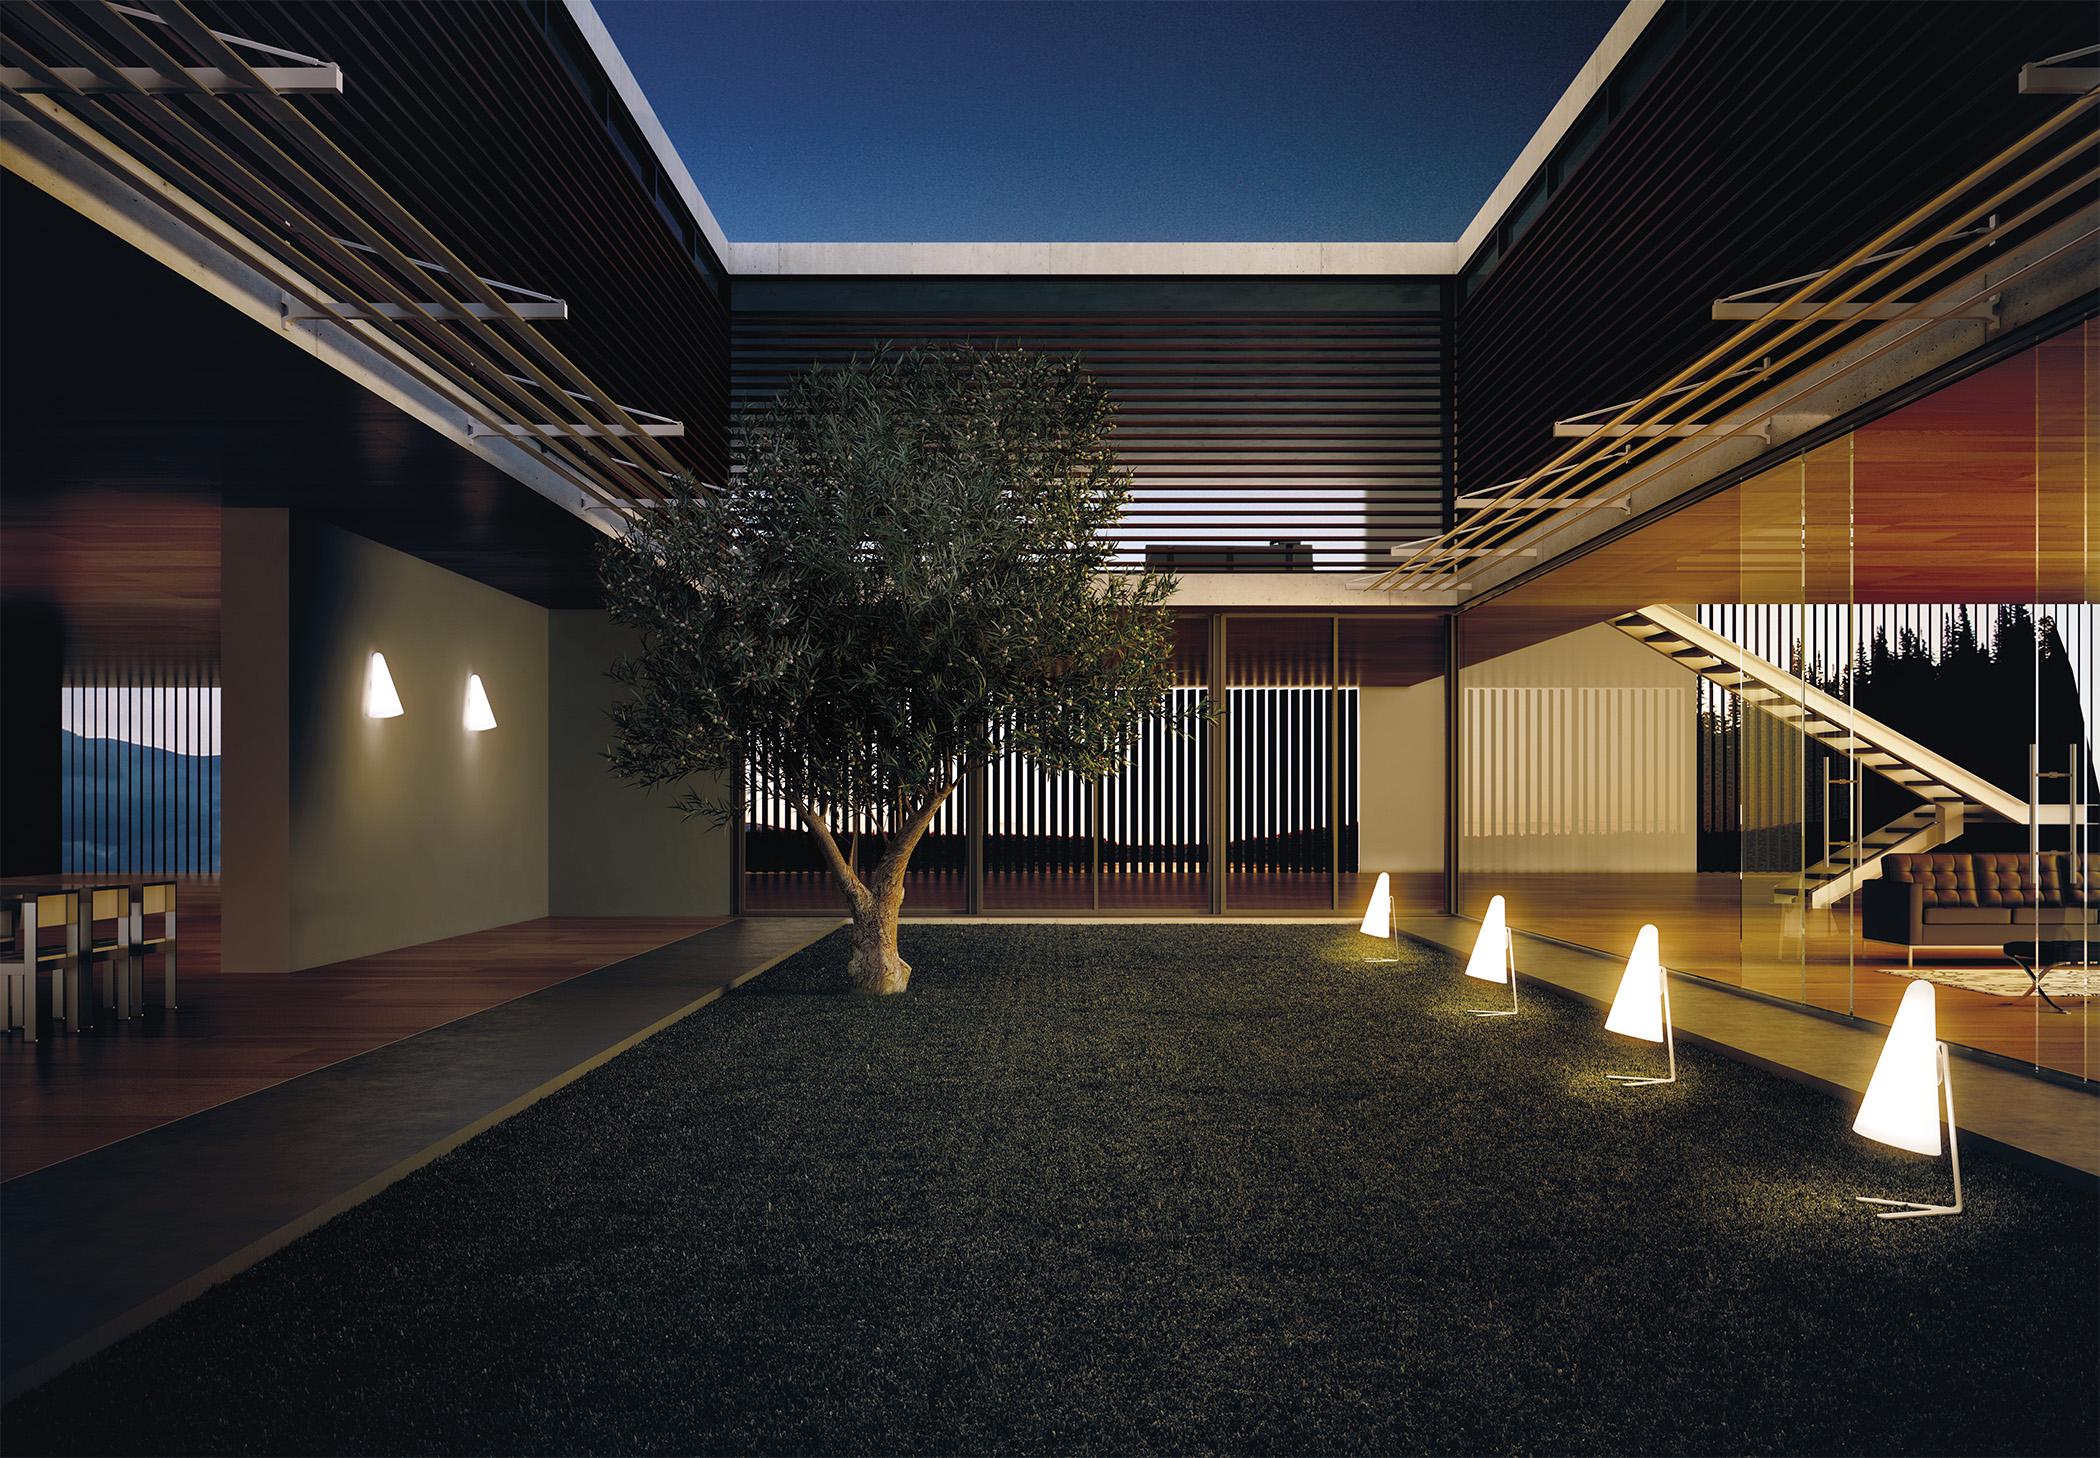 Nan A 3040lx Wall Lamp Estiluz Image Ambient 01